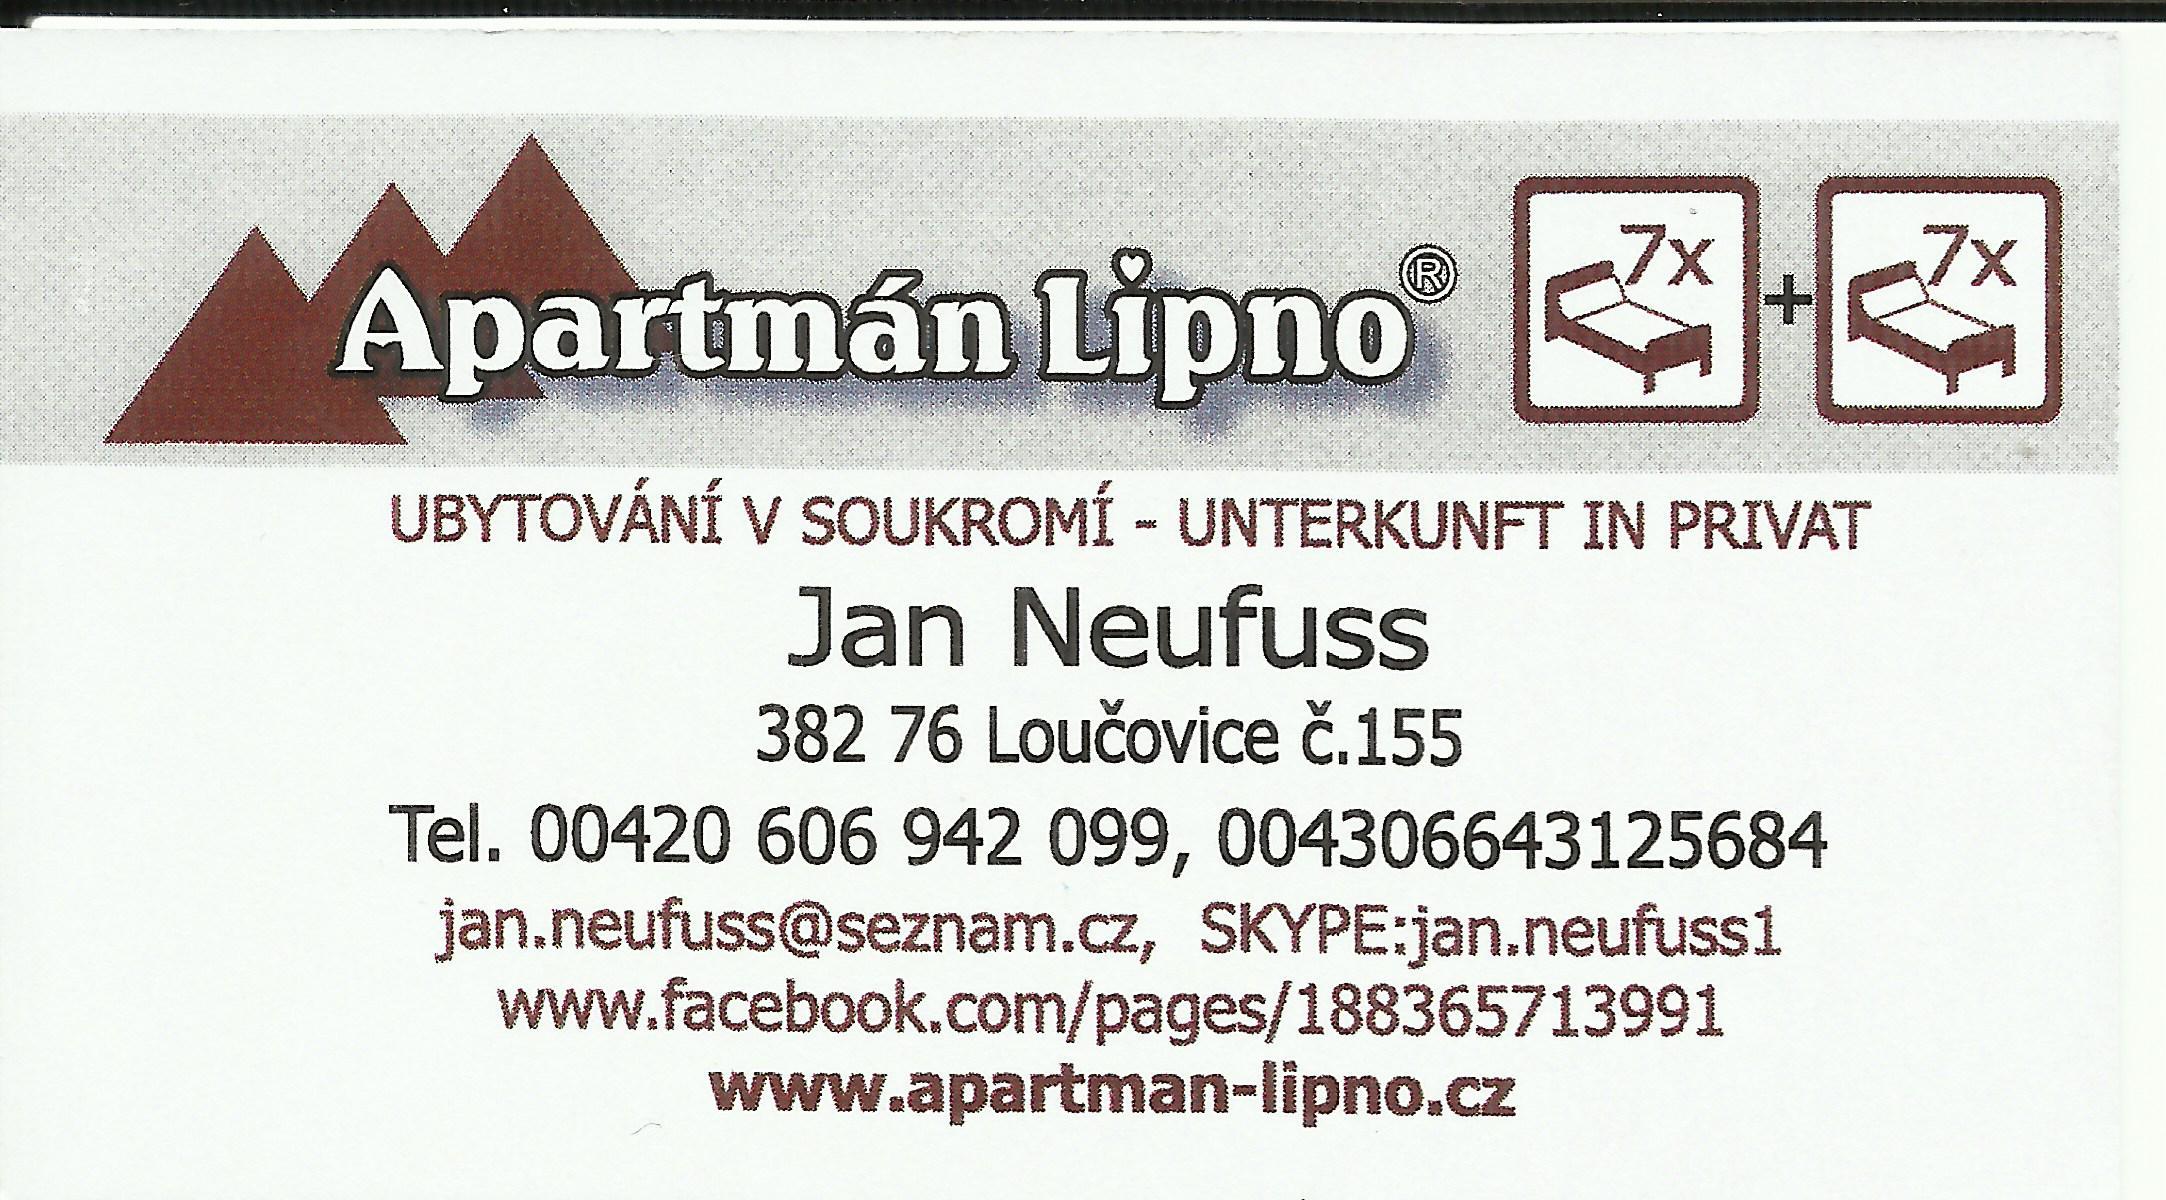 Apartmán Lipno - Ubytování v soukromí.